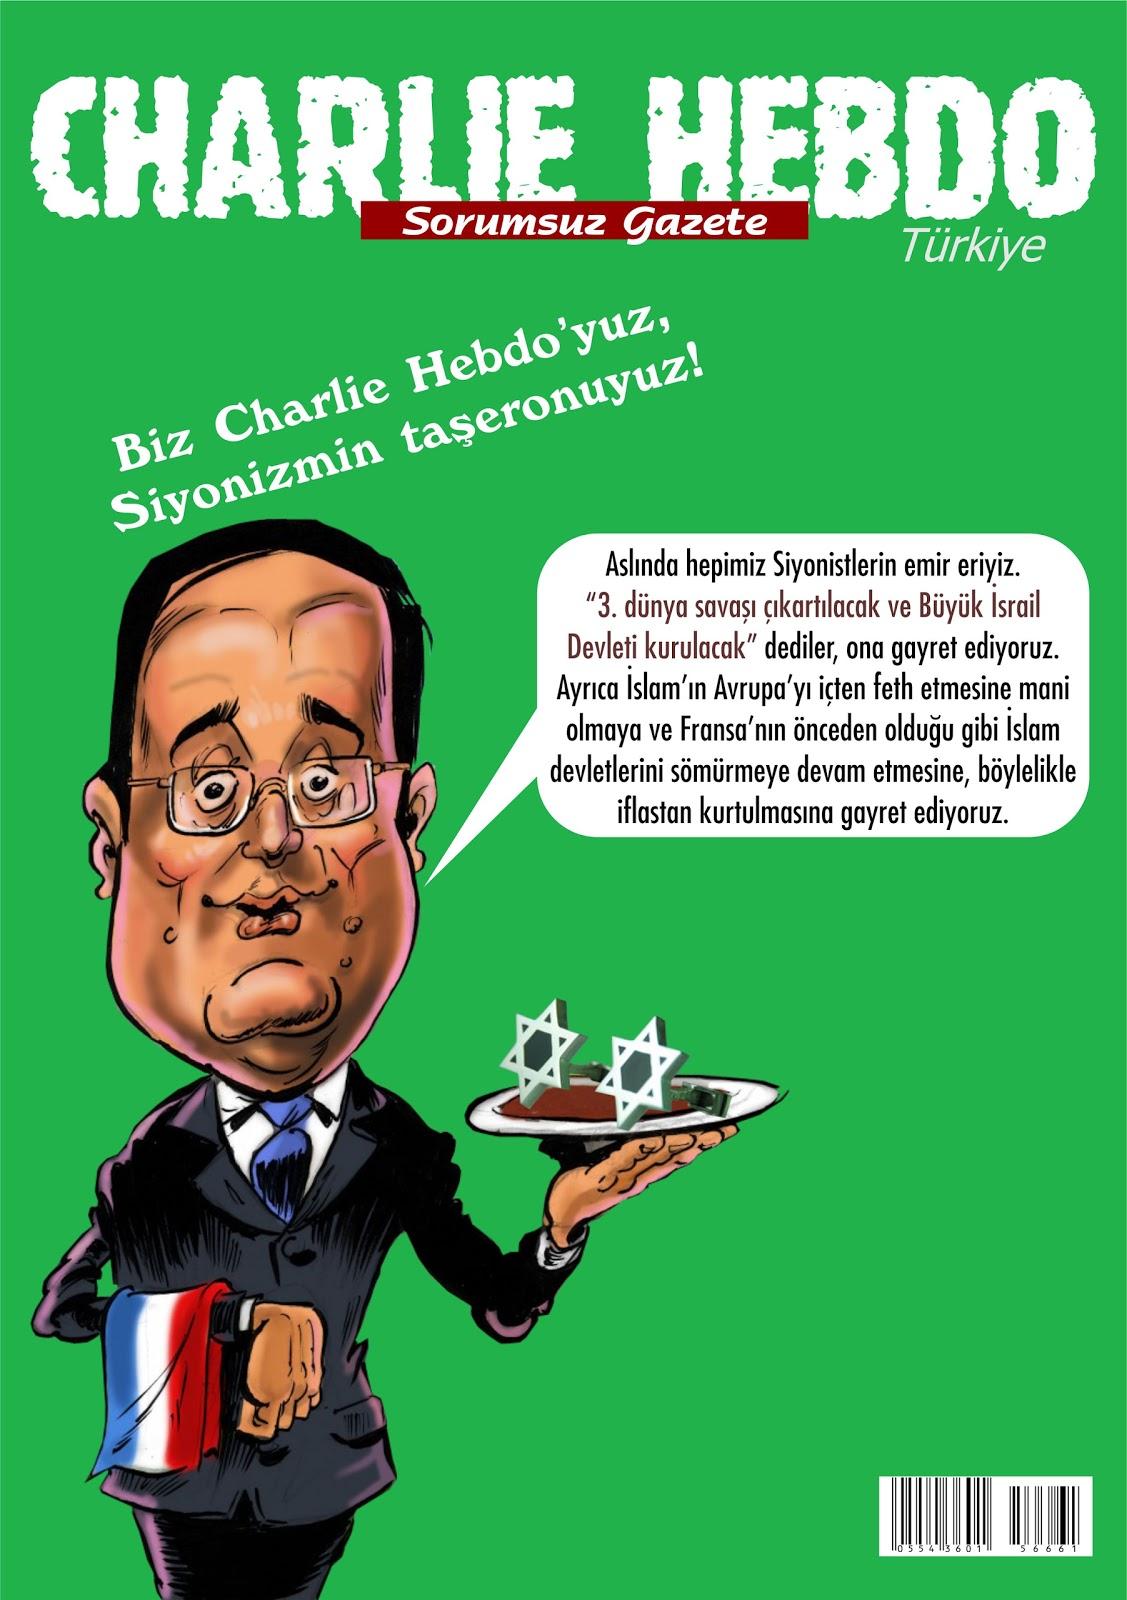 """Charlie Hebdo Türkiye'nin ilk sayısı """"Madem sanat dediniz..."""" söylemi ile çıktı."""